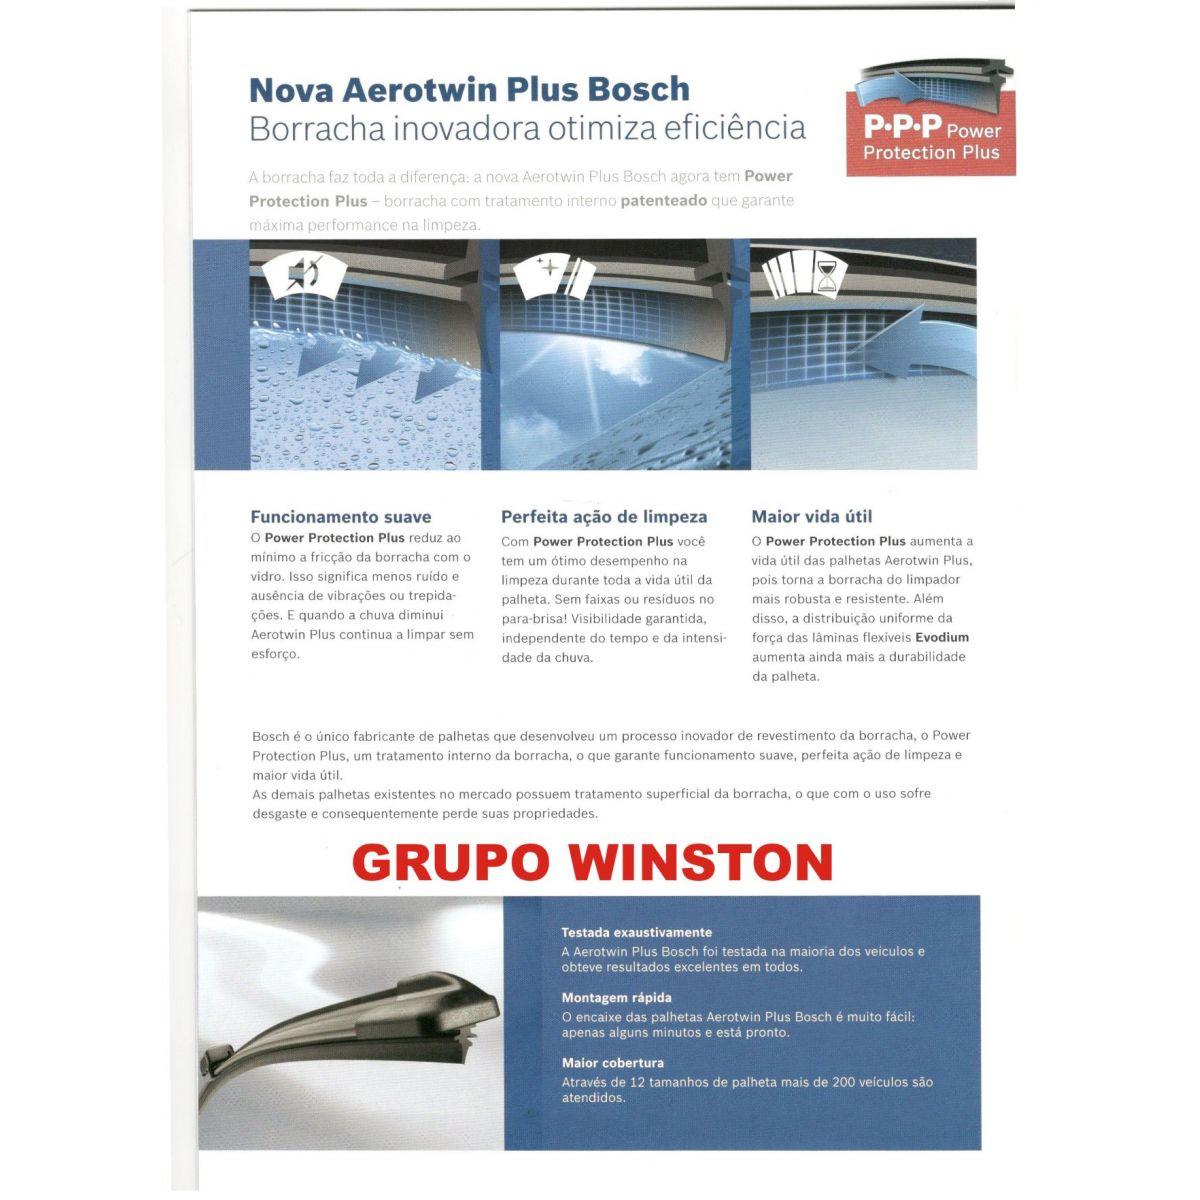 Palheta Bosch Aerotwin Plus Limpador de para brisa Bosch HYUNDAI Veracruz ano 2007 até 2012